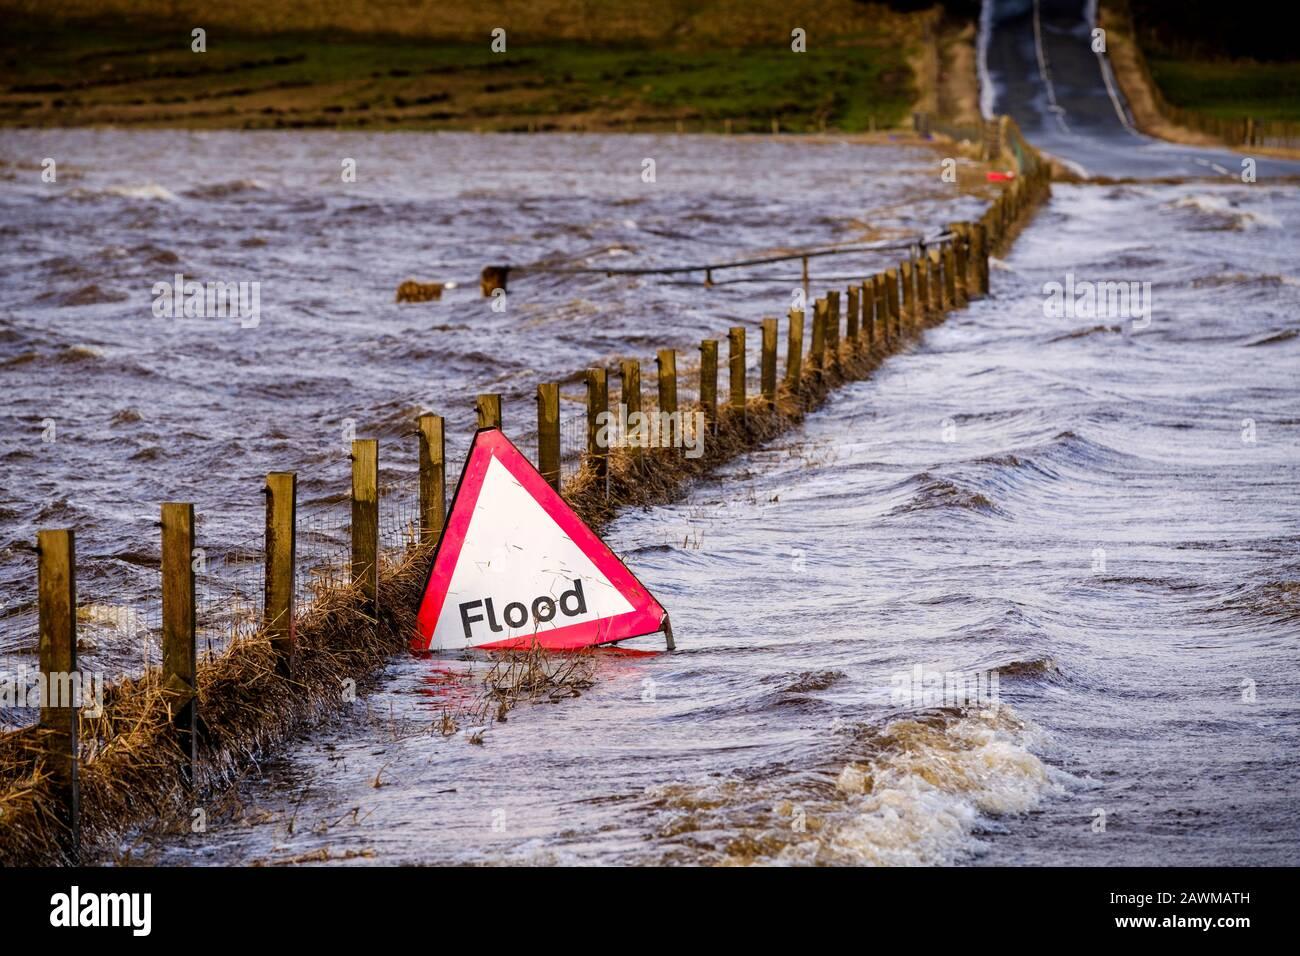 La tempête Ciara fait éclater la rivière Medwin (un affluent de la rivière Clyde) sur ses rives dans le Sud Lanarkshire, en Écosse, provoquant de vastes inondations . Banque D'Images